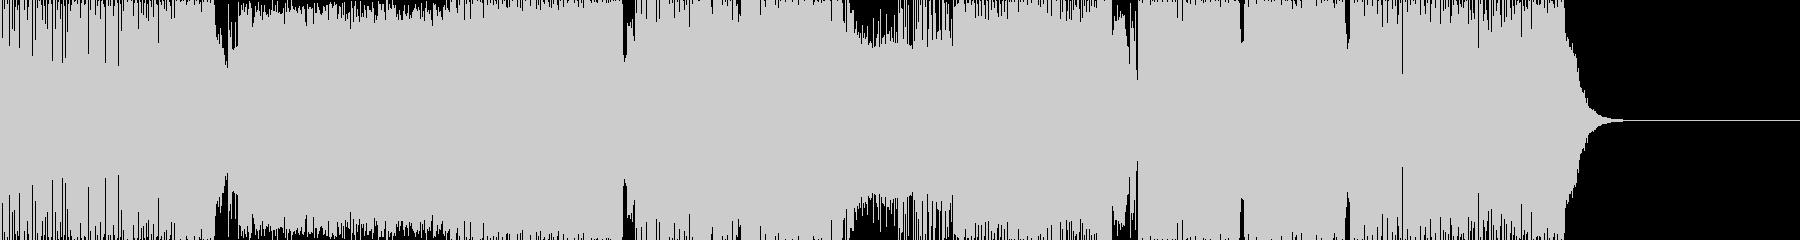 エレクトロハウス。シーケンサーシンセ。の未再生の波形